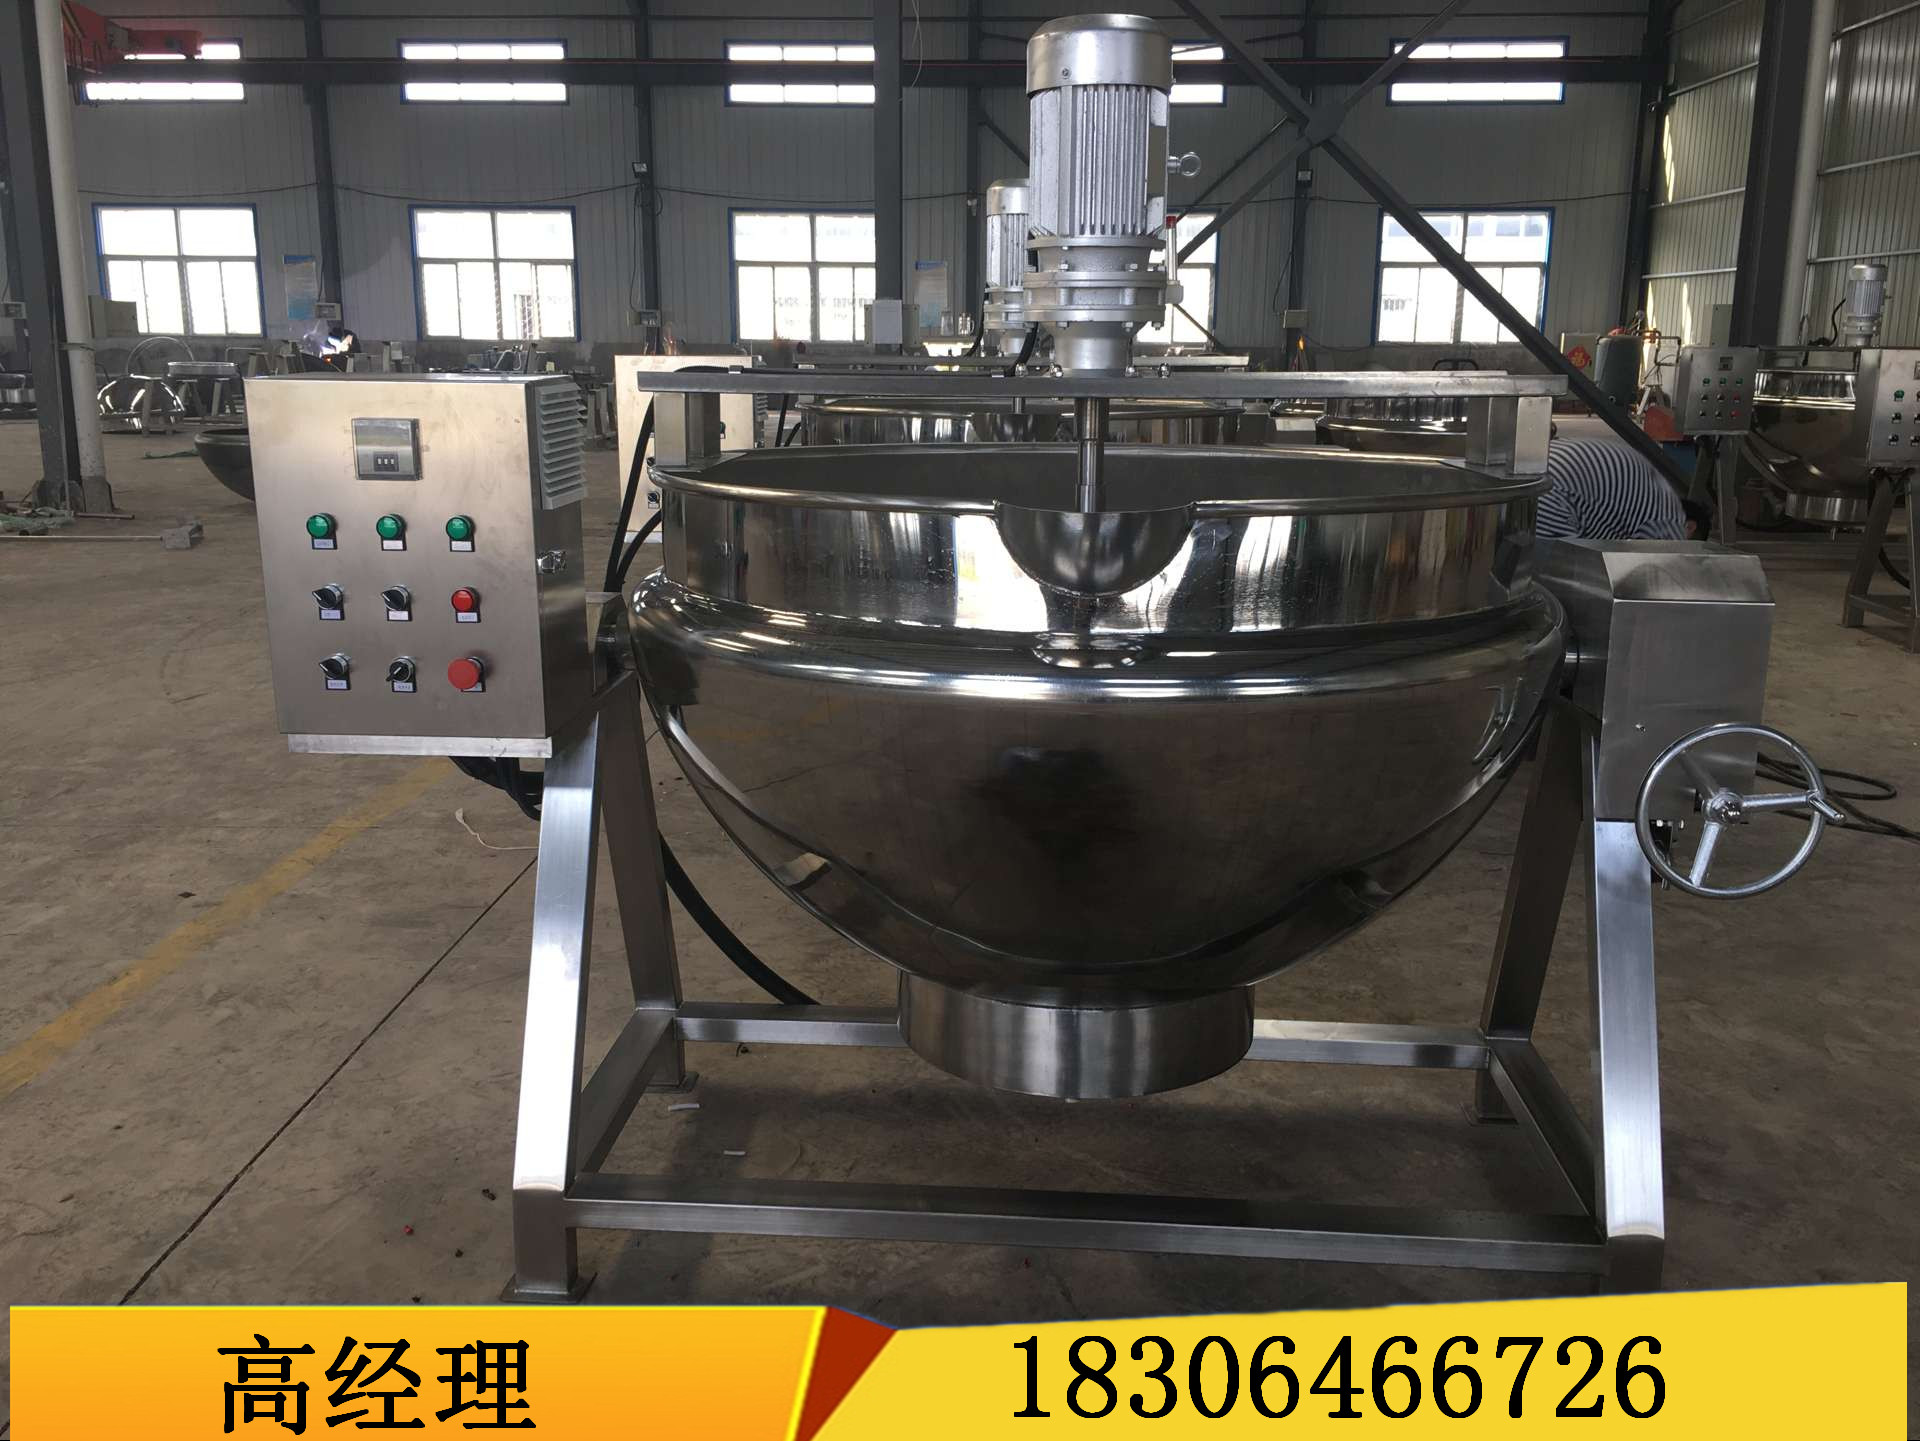 电加热夹层锅-电加热夹层锅价格